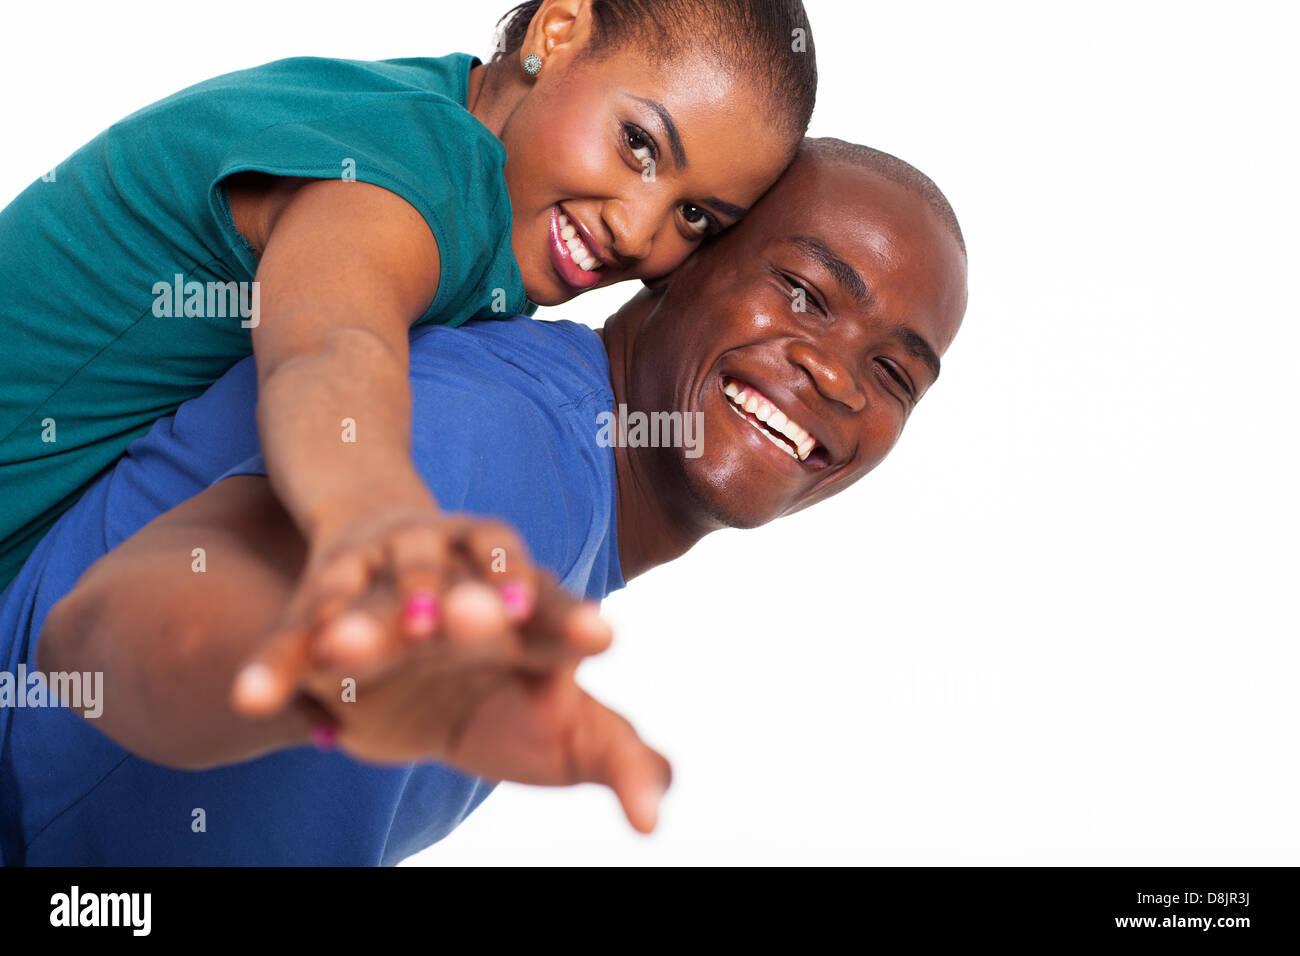 glückliche junge Afrikanerin genießen Huckepack nehmen Fahrt auf Freunde mit ihren ausgestreckten Händen Stockbild